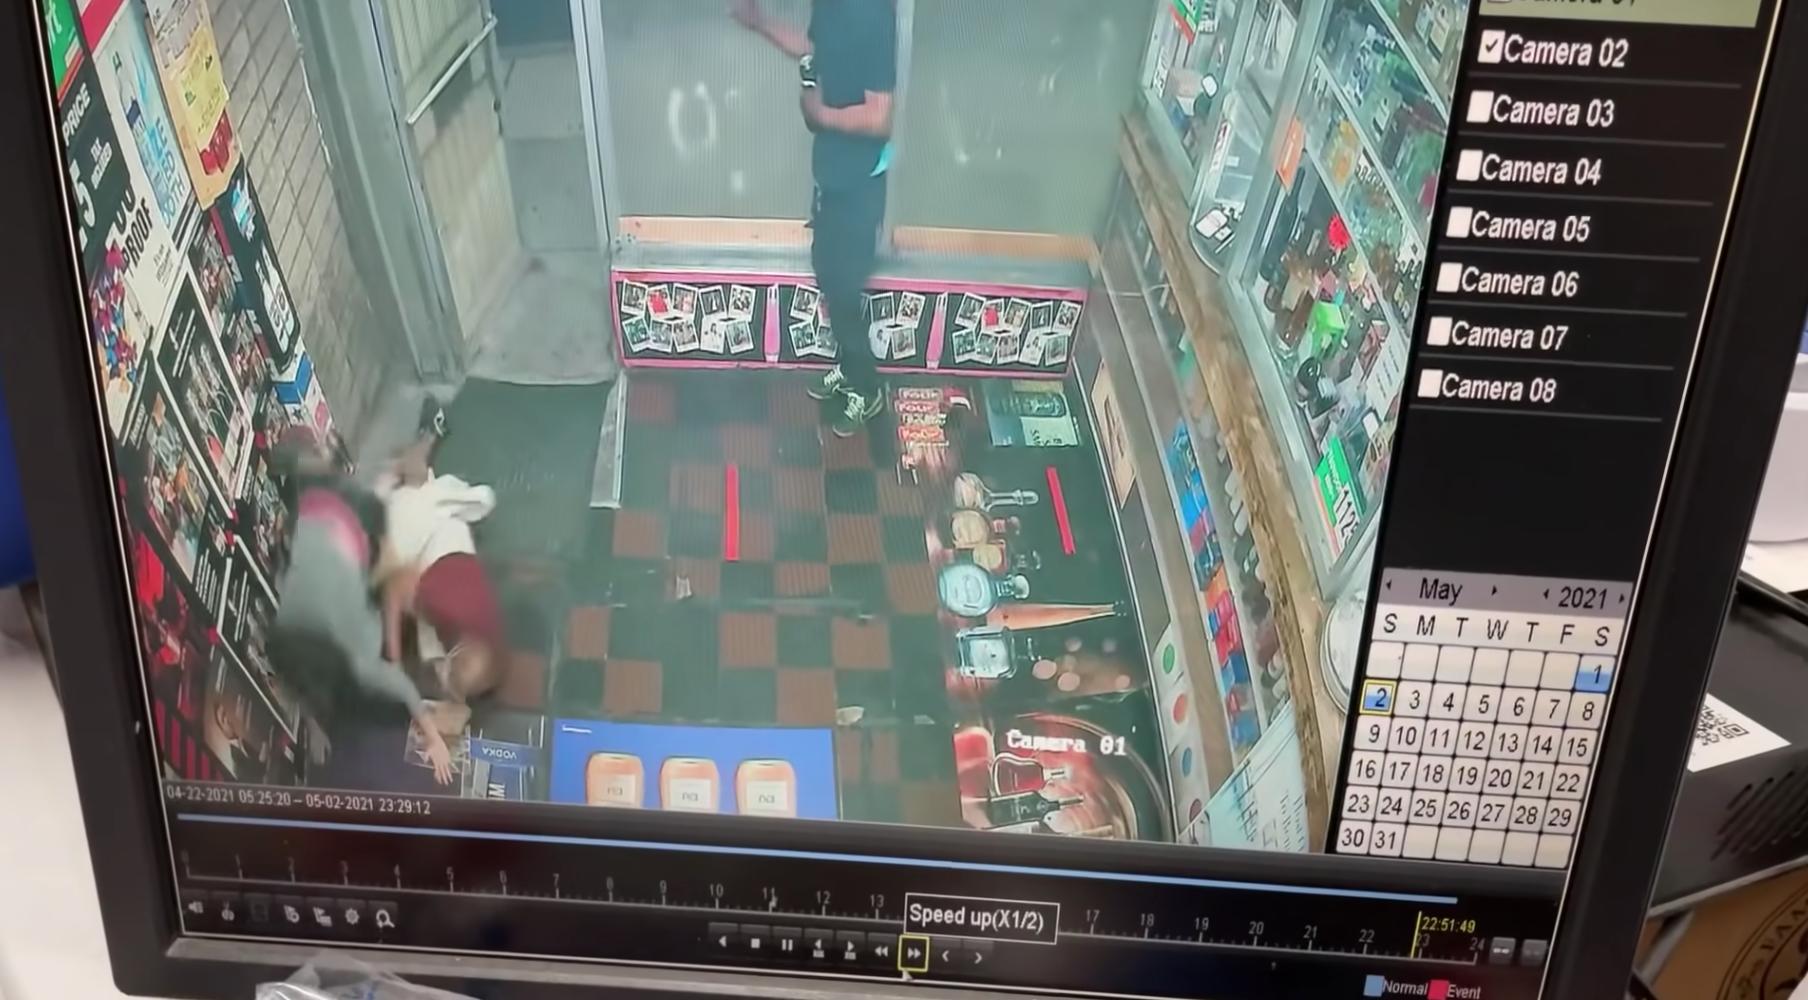 Nghi cantrongvụ cuộc tấn công 3 cửa hàng rượu của ngườigốc Áđối mặt thêm các cáo buộc tội phạm kỳ thị